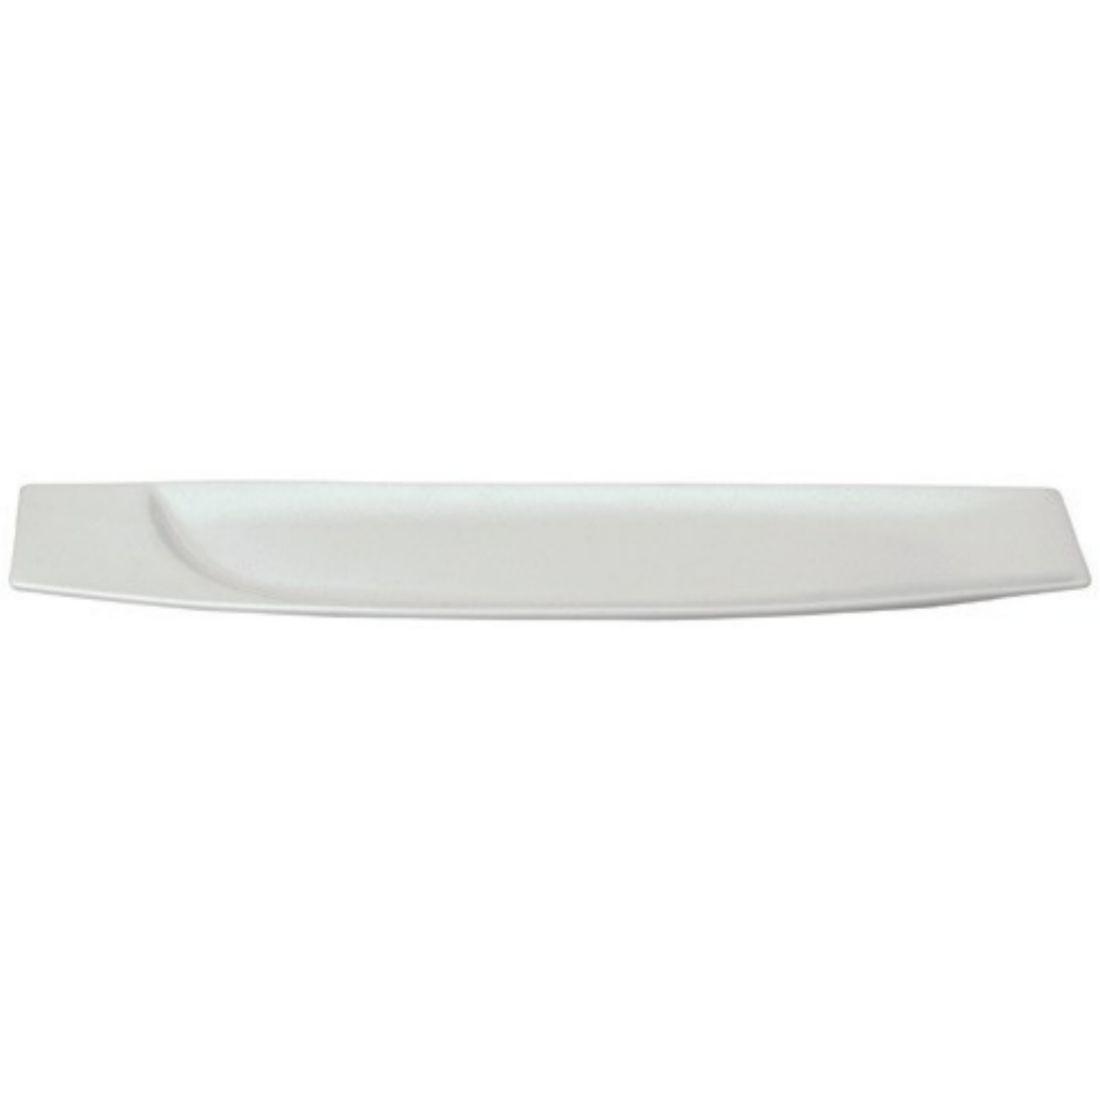 Mazza talíř obdélný  38 x 10,2 cm